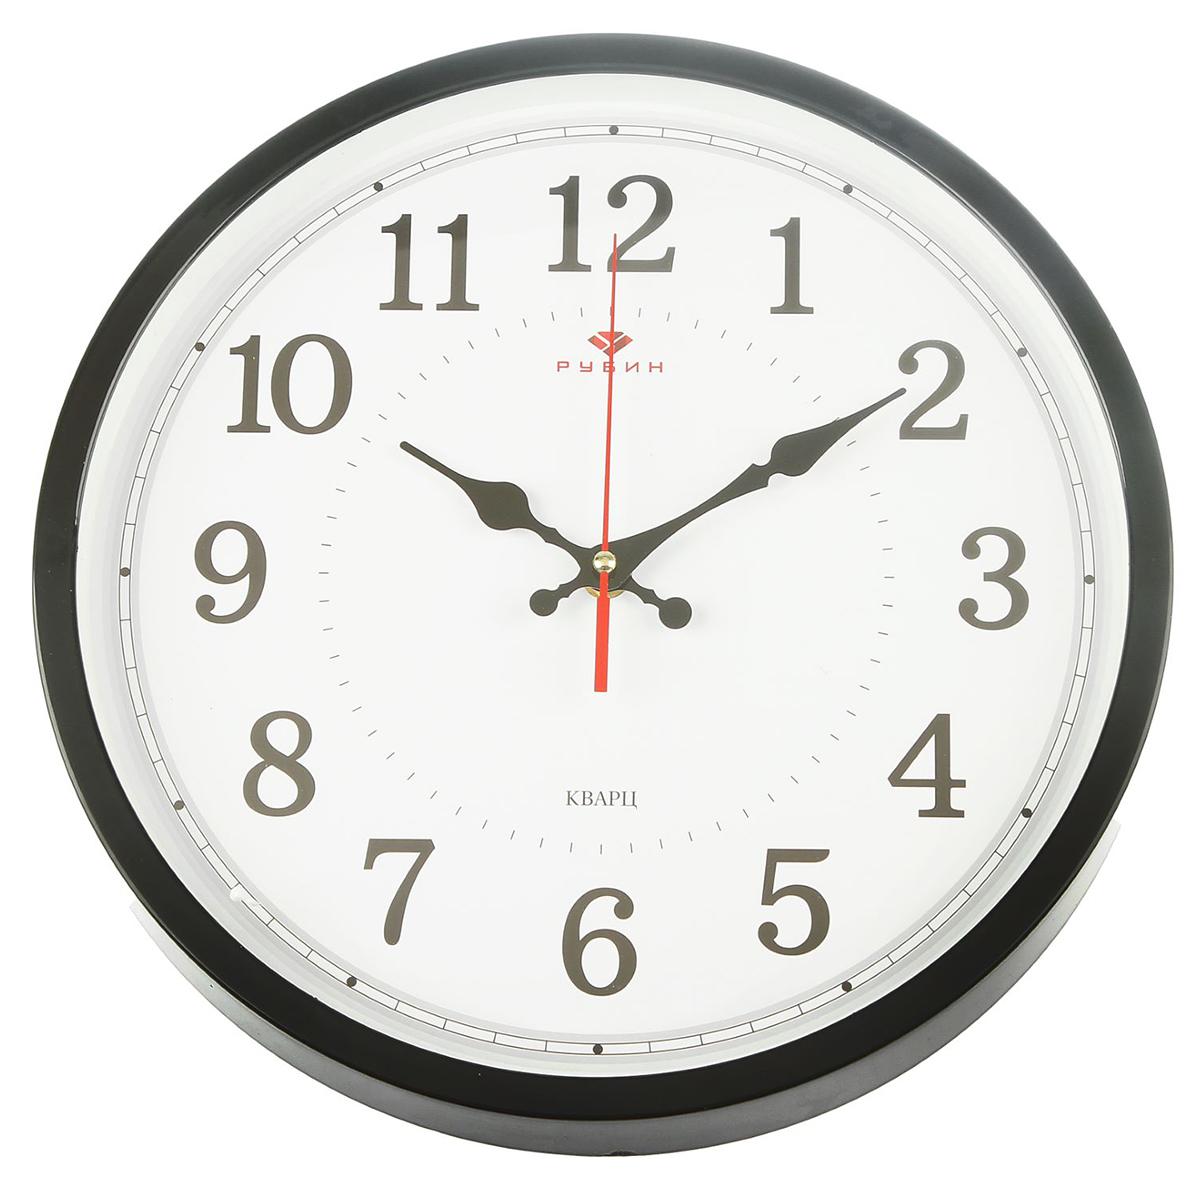 Часы настенные Рубин Классика, цвет: черный, диаметр 30 см2589490Каждому хозяину периодически приходит мысль обновить свою квартиру, сделать ремонт, перестановку или кардинально поменять внешний вид каждой комнаты. — привлекательная деталь, которая поможет воплотить вашу интерьерную идею, создать неповторимую атмосферу в вашем доме. Окружите себя приятными мелочами, пусть они радуют глаз и дарят гармонию.— сувенир в полном смысле этого слова. И главная его задача — хранить воспоминание о месте, где вы побывали, или о том человеке, который подарил данный предмет. Преподнесите эту вещь своему другу, и она станет достойным украшением его дома.Часы настенные круглые Классика, корпус чёрный Рубин 30х30 см 2589490